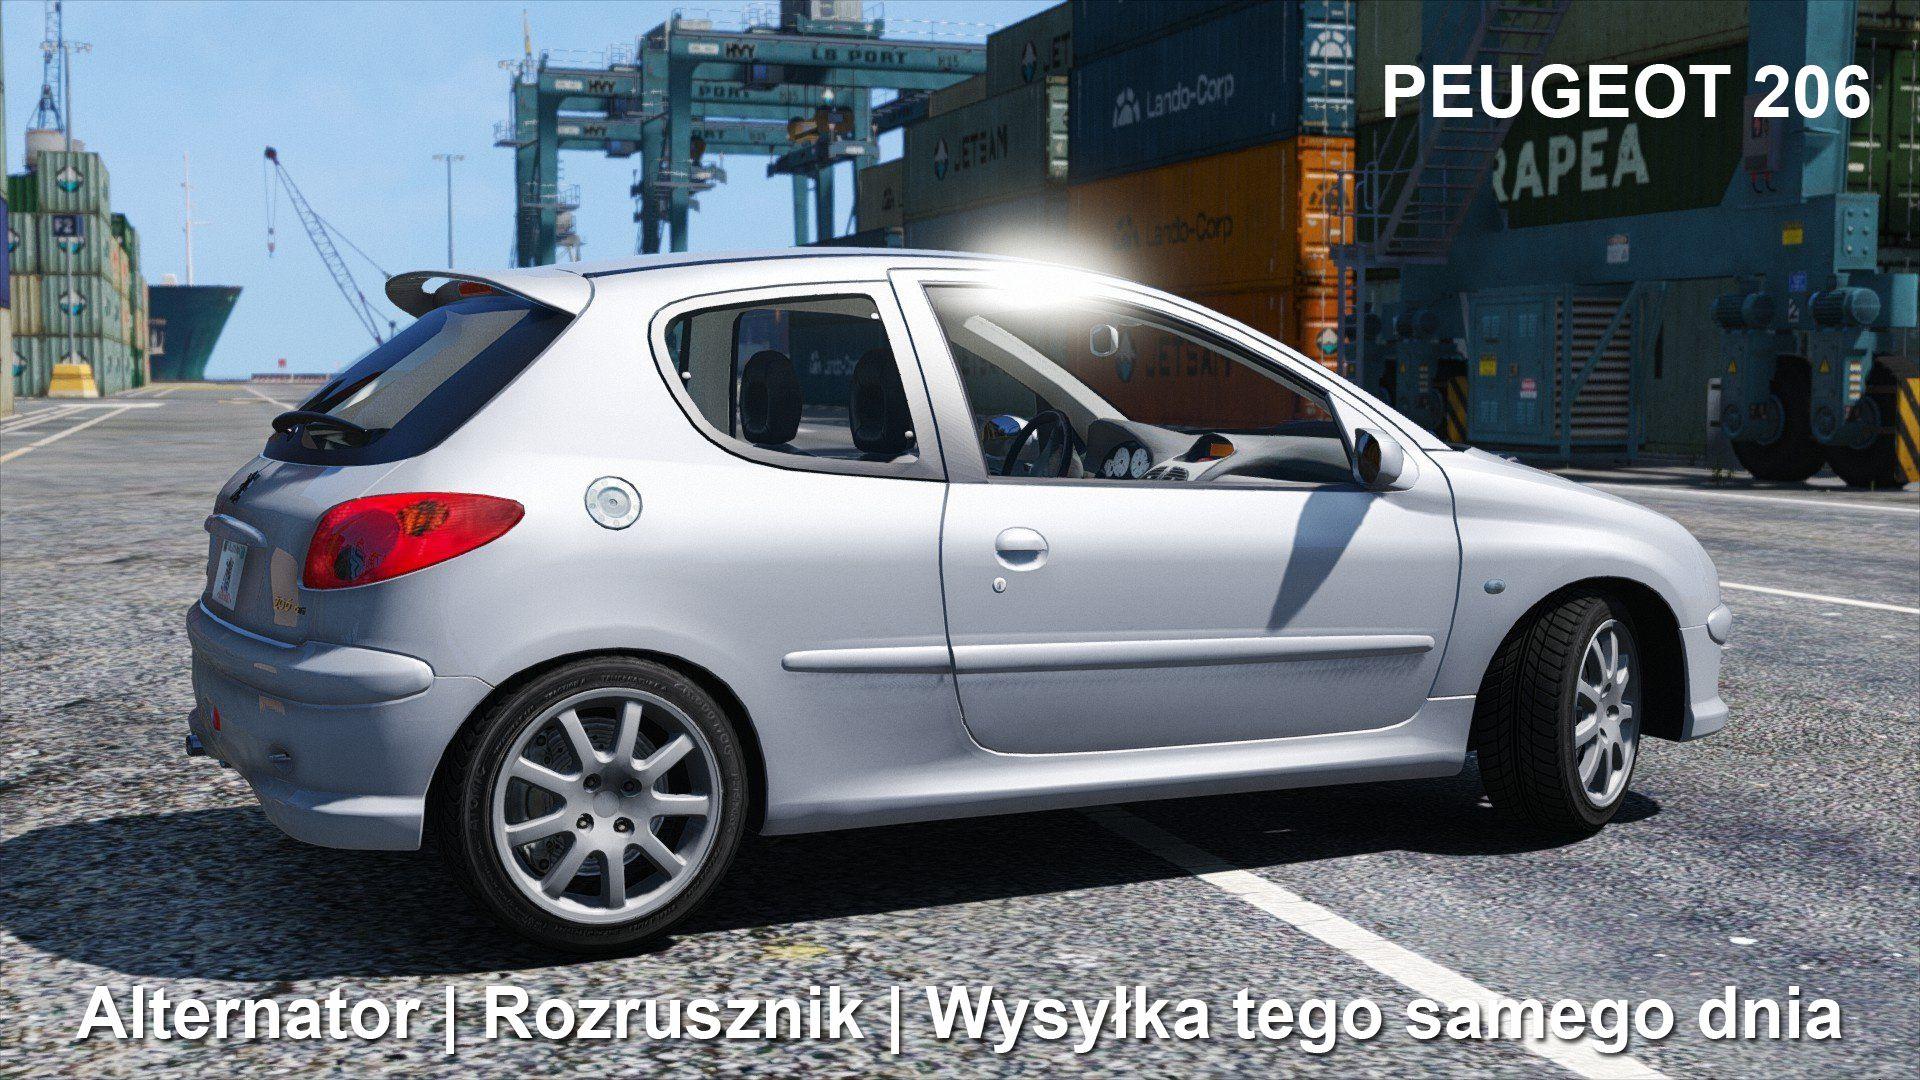 Posiadasz Peugeot 206 I Masz Problem Z Alternatorem Badz Rozrusznikiem Skontaktuj Sie Z Nami 792 205 305 Allegro Polstarter Pl Peugeot Car Car Door